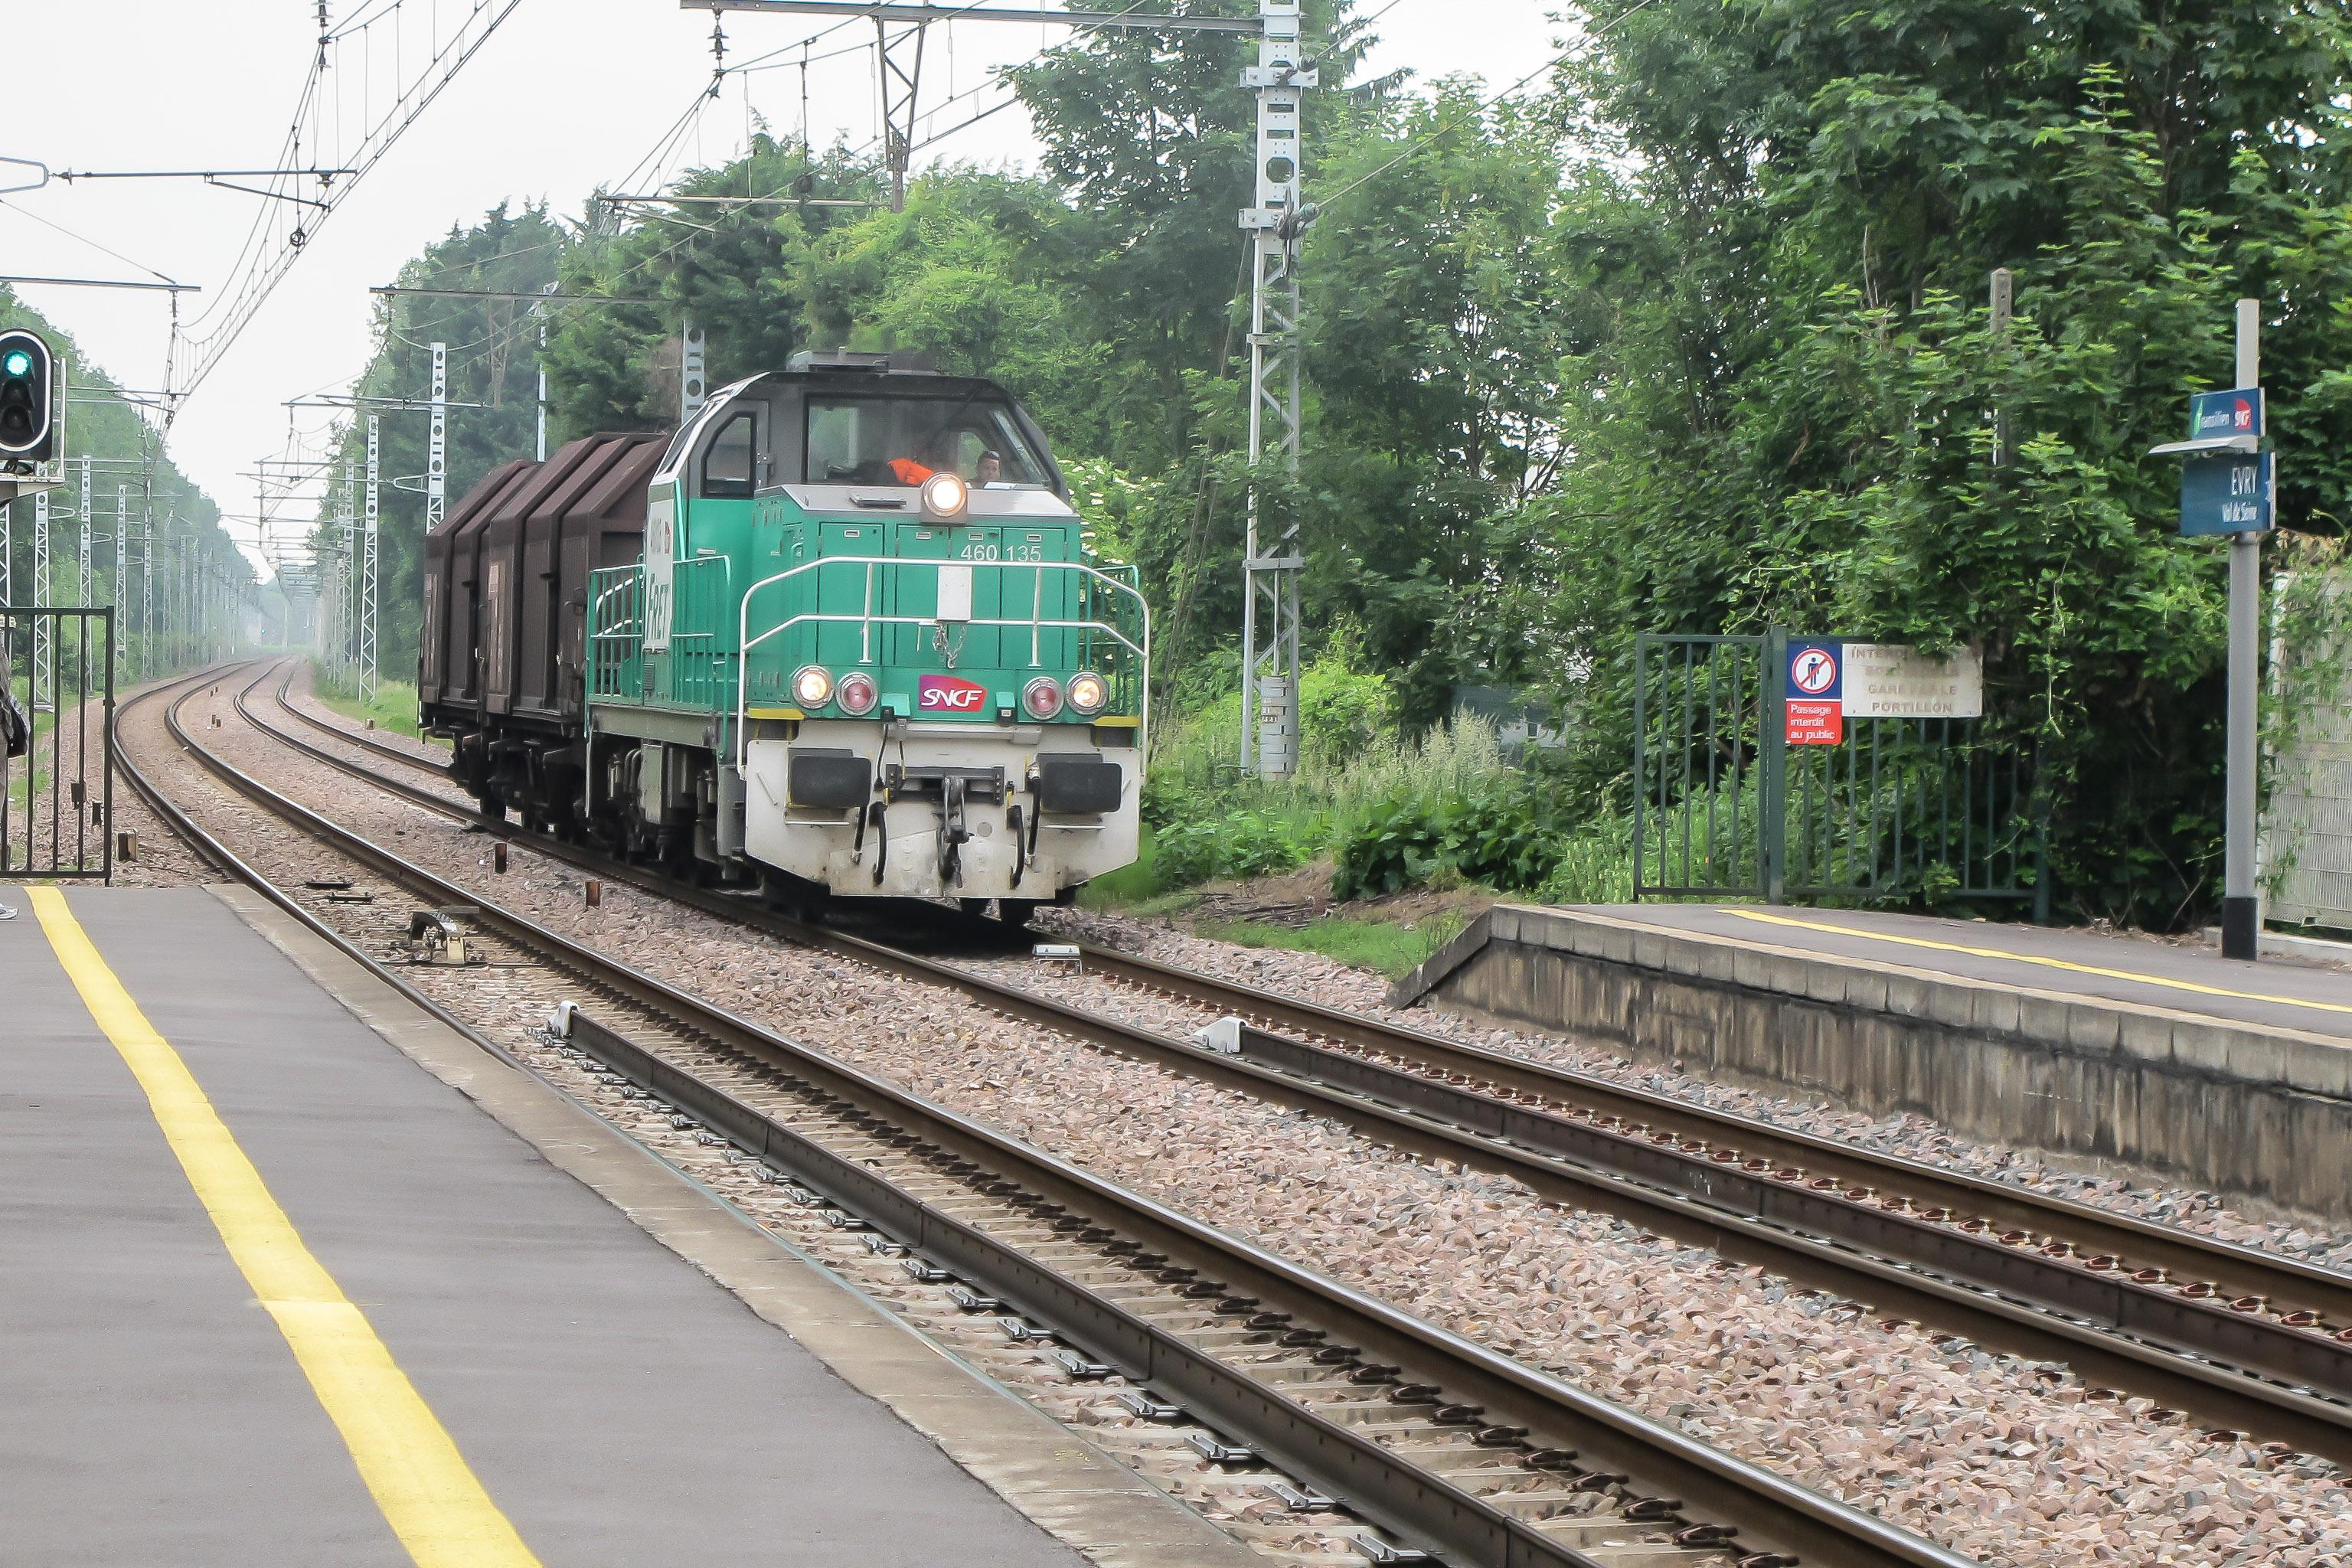 File:Gare d'Evry-Val-de-Seine - 2012-05